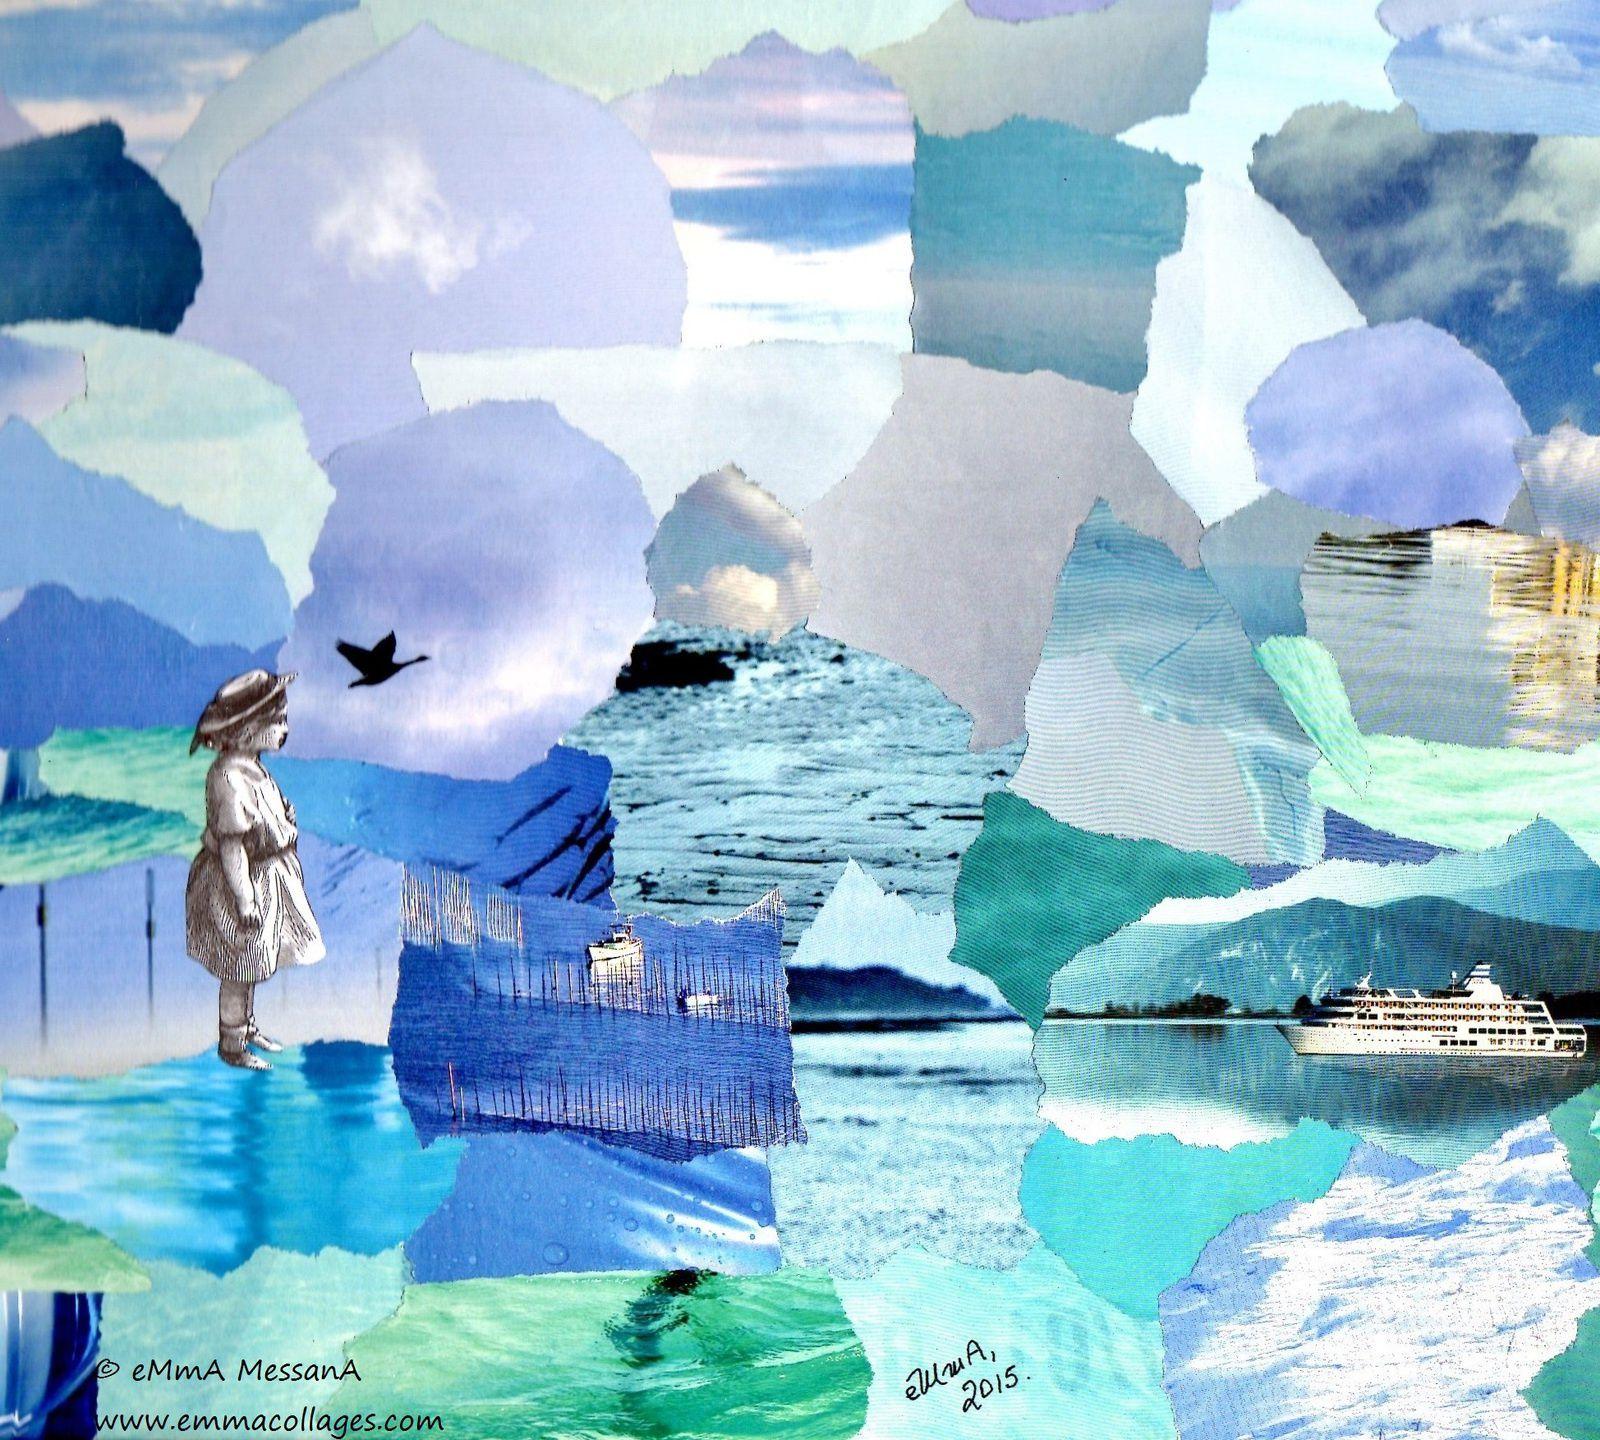 """Les Collages d'eMmA MessanA, collage """"Un ange sur la banquise"""", pièce unique"""